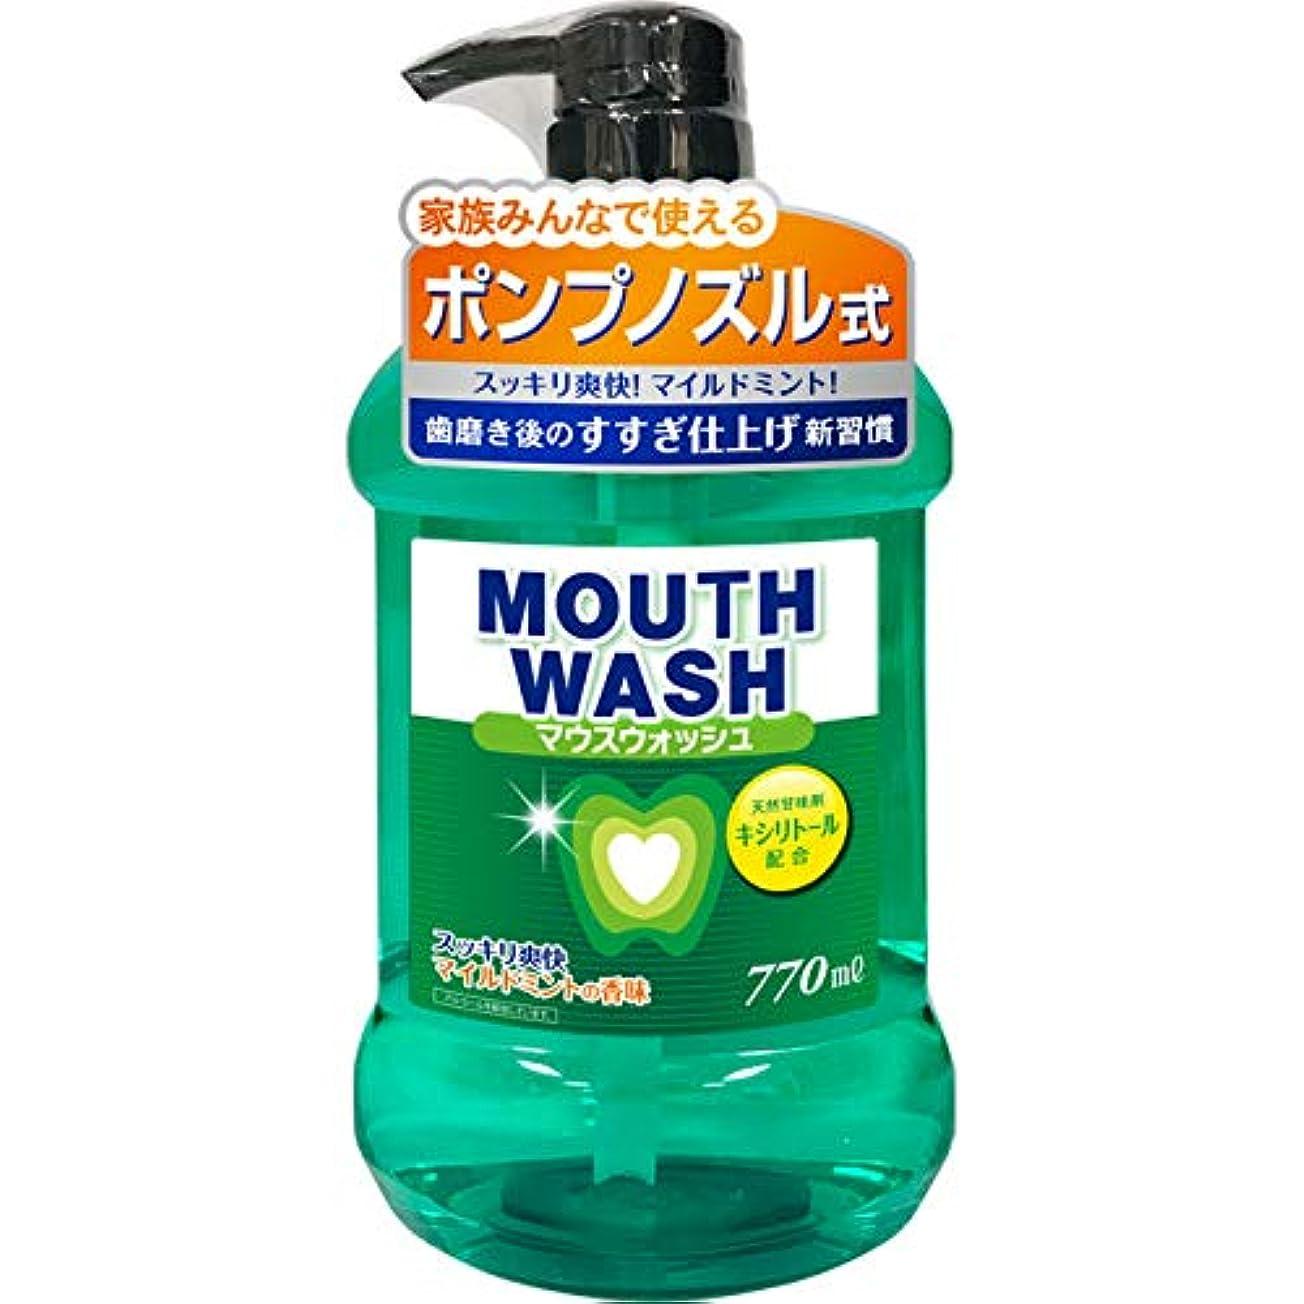 消費する鉛創始者オールデントマウスウォッシュ マイルドミントの香味 770ml